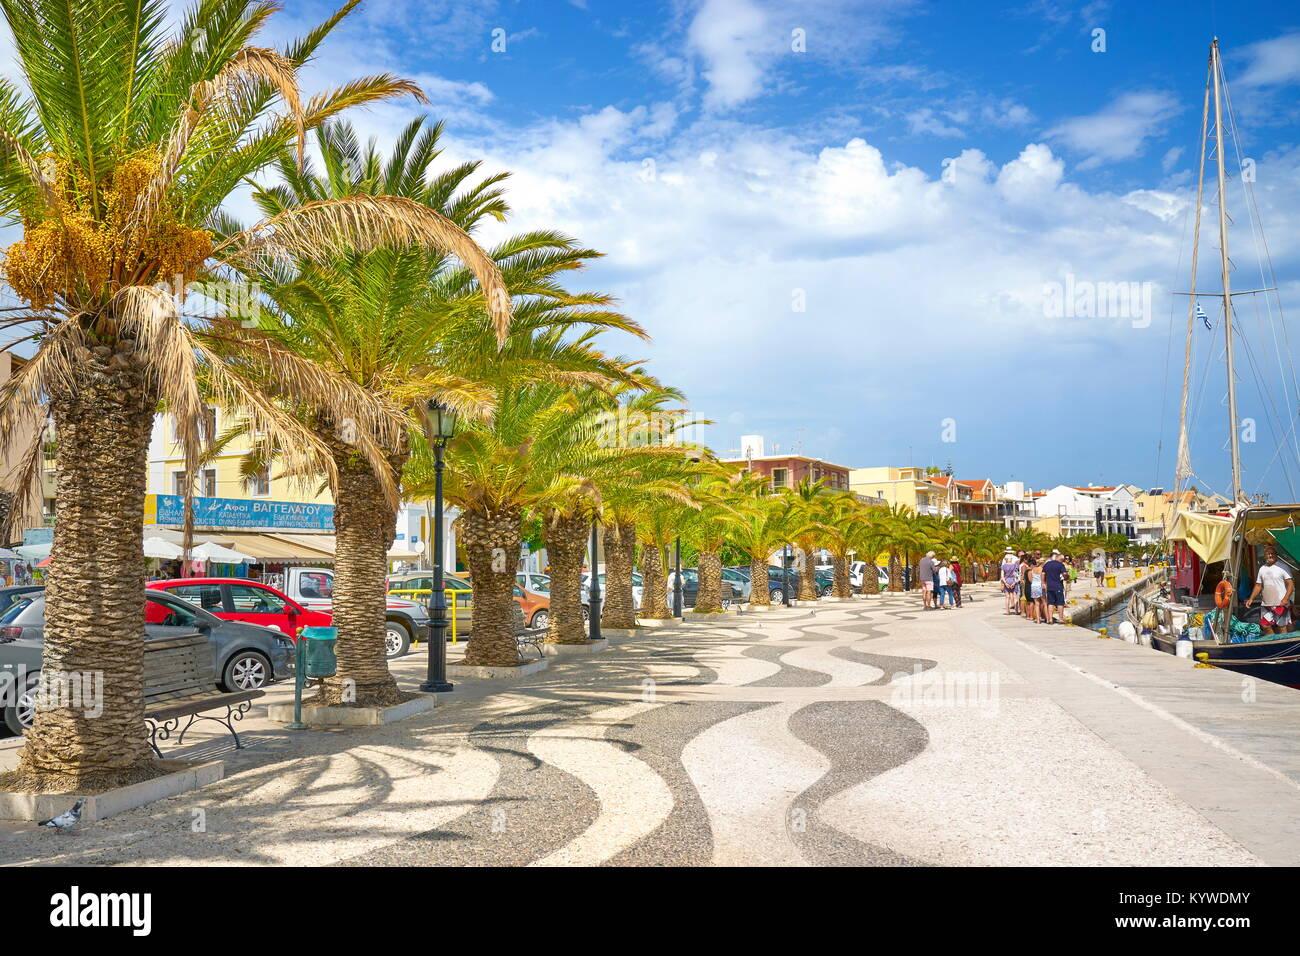 Passeggiata di Argostoli town, l'isola di Cefalonia, Grecia Immagini Stock